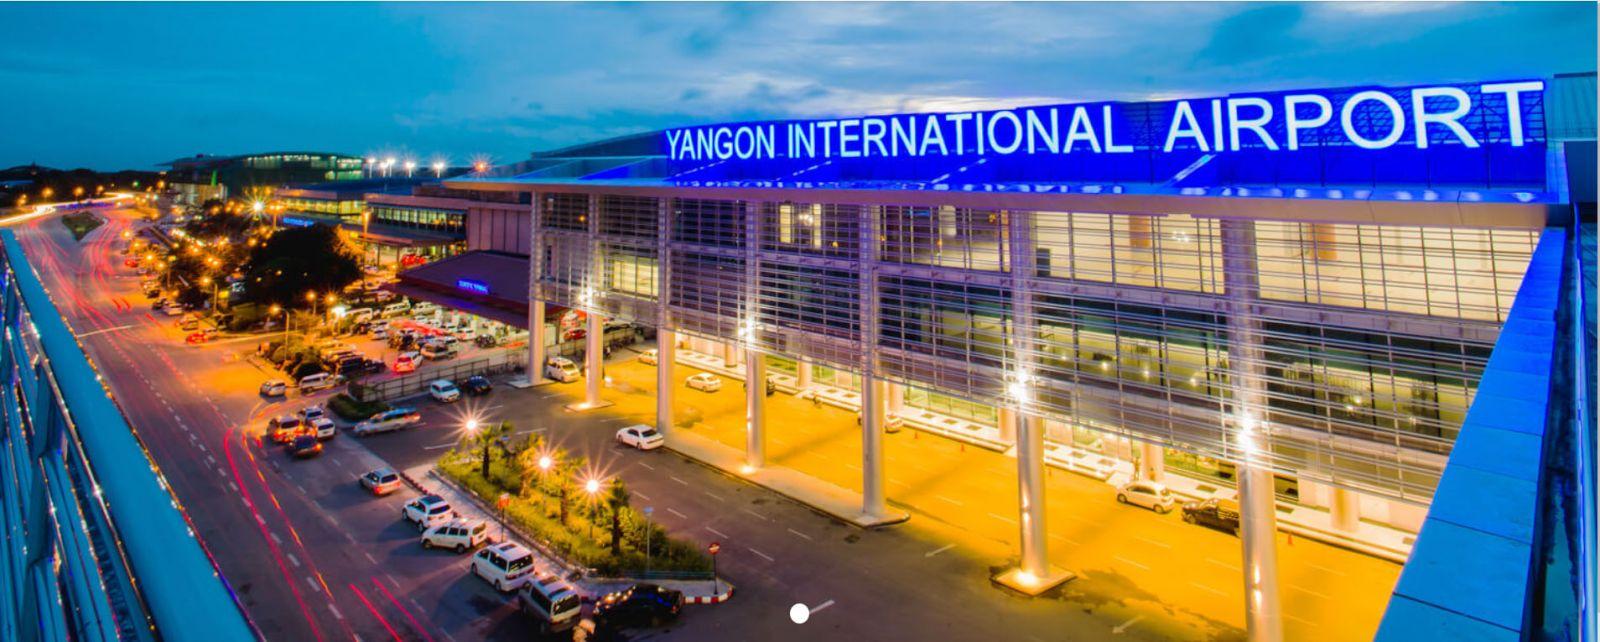 du lịch Myanmar 3 ngày 2 đêm